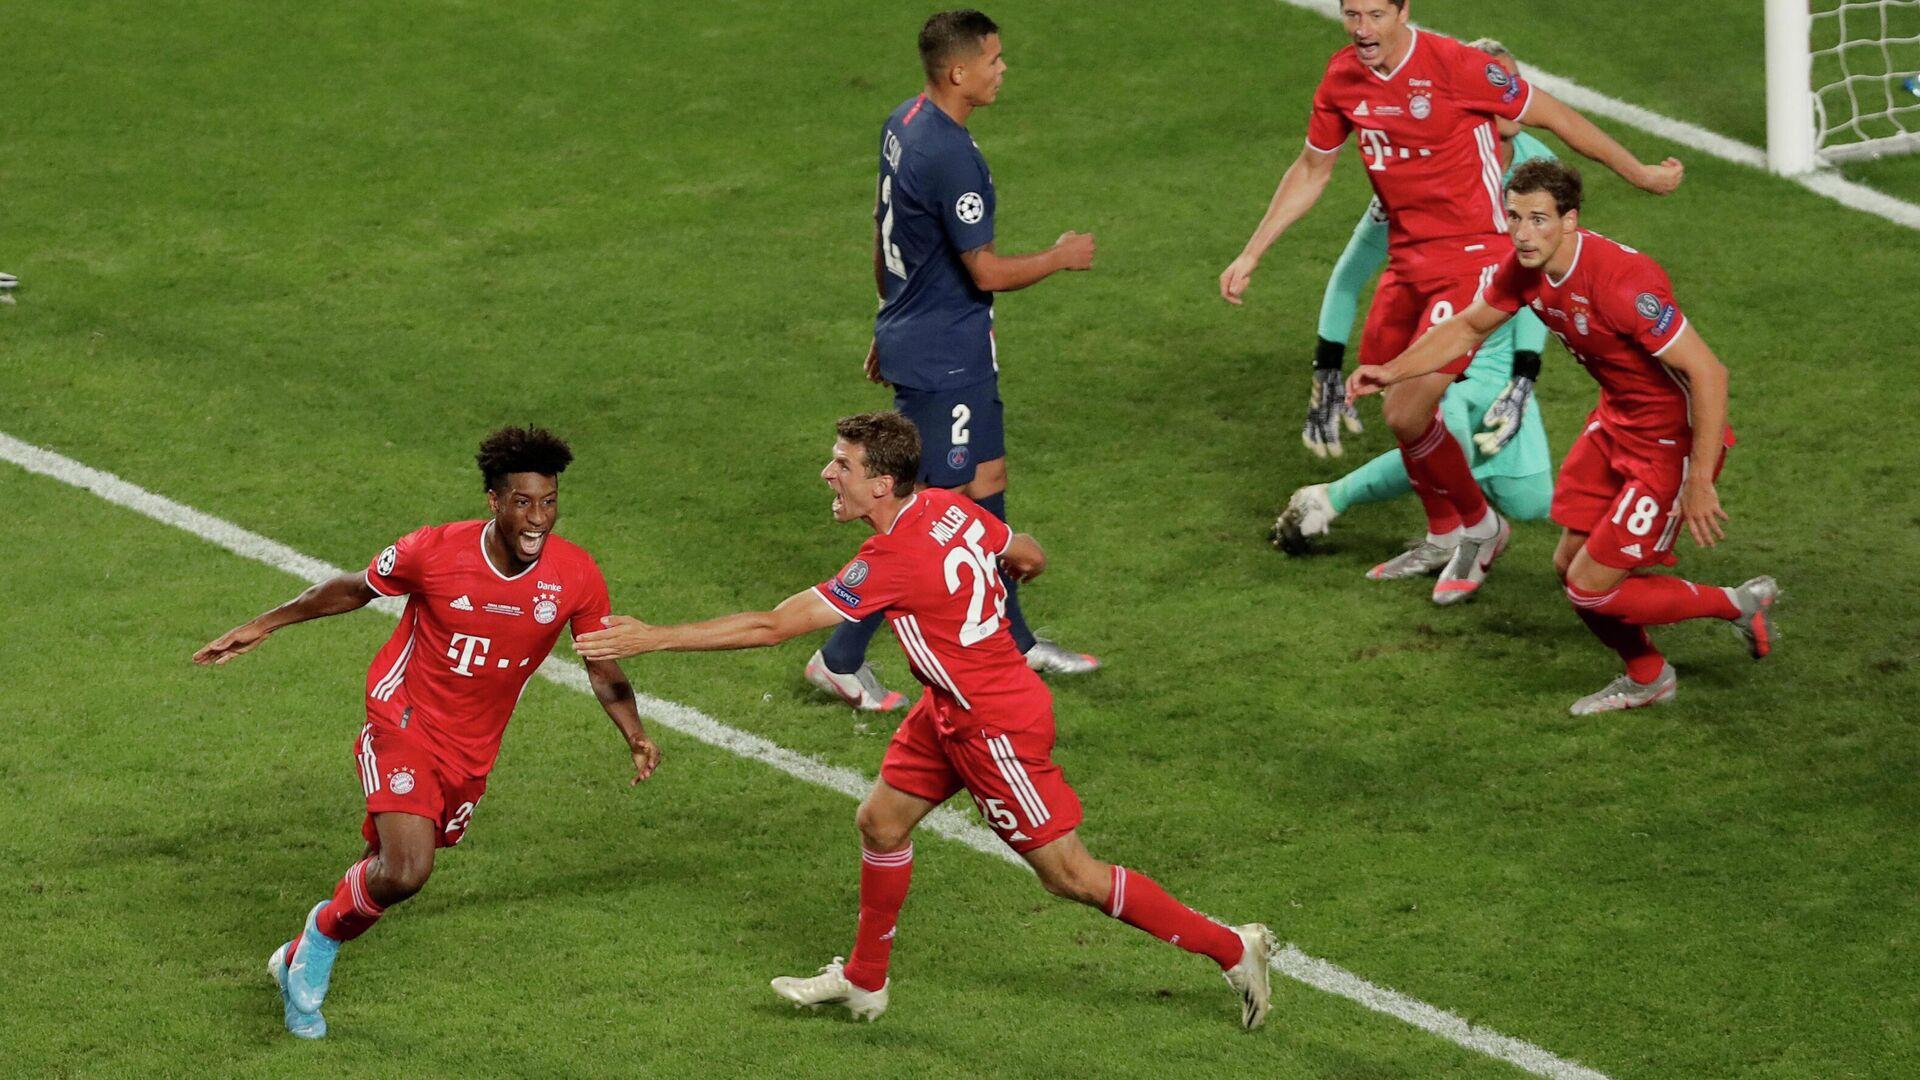 El partido entre el Bayern de Múnich y el Paris Saint-Germain (PSG) - Sputnik Mundo, 1920, 19.03.2021